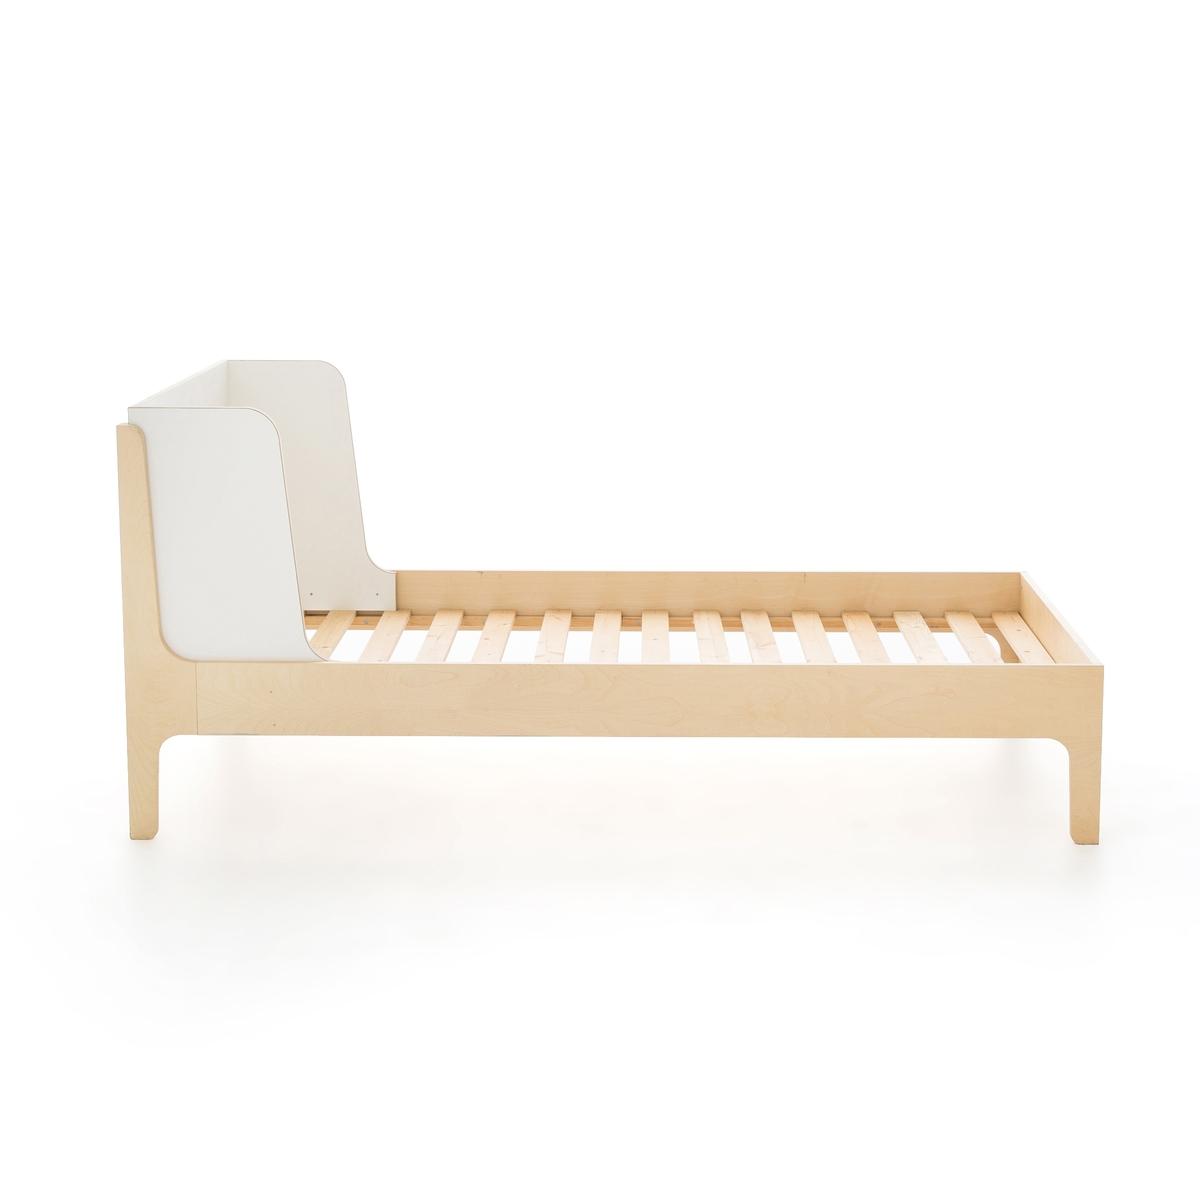 Кровать La Redoute Детская Irazu 90 x 190 см белый кровать la redoute детская из ротанга medo 90 x 190 см бежевый